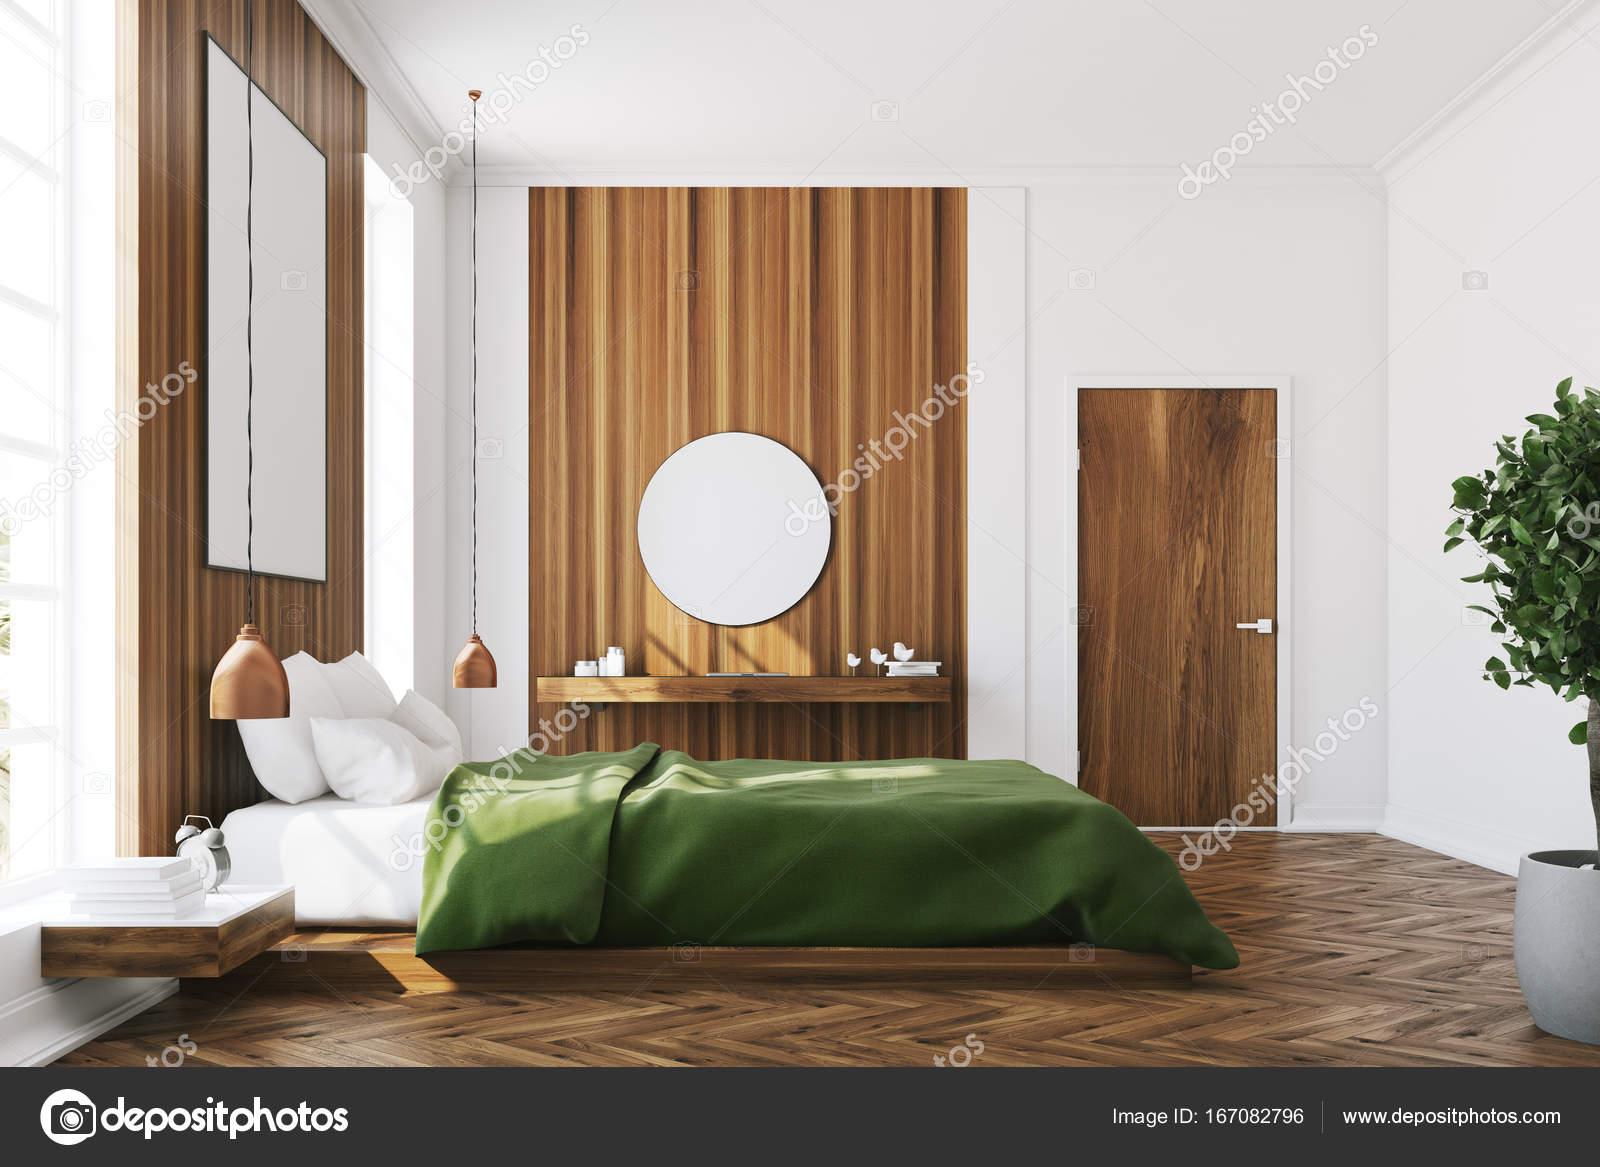 Camera da letto bianca e legno, poster, specchio — Foto Stock ...